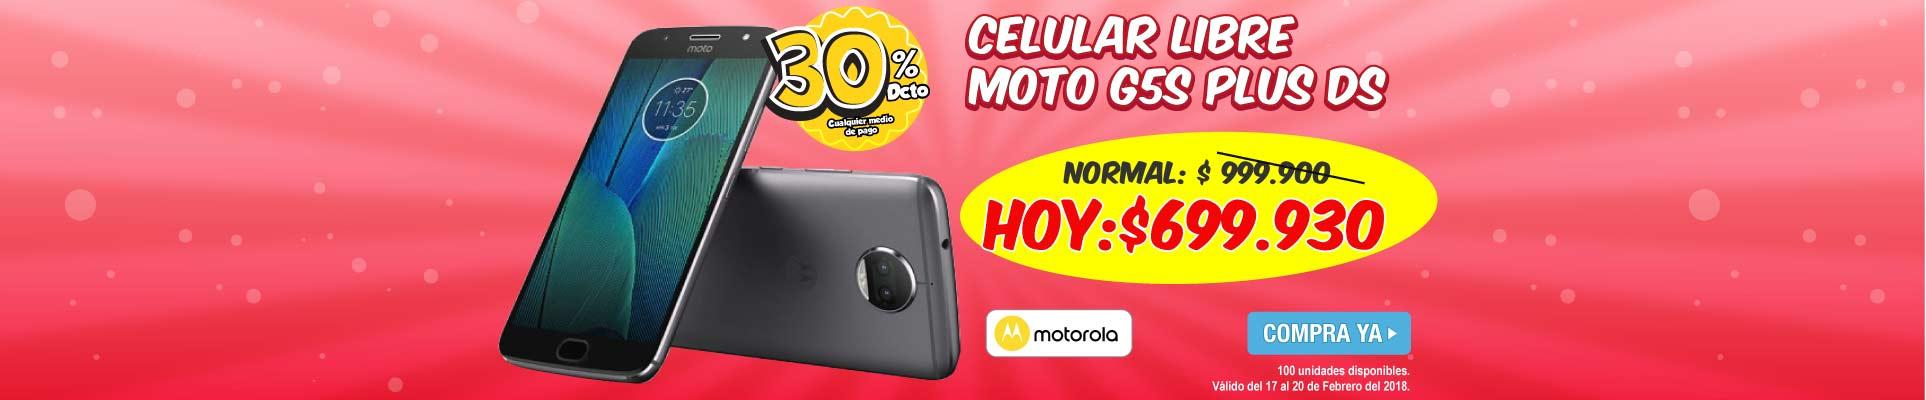 PPAL ALKP-1-celulares-Celular Libre MOTOROLA Moto G5S Plus DS-prod-Febrero17-20